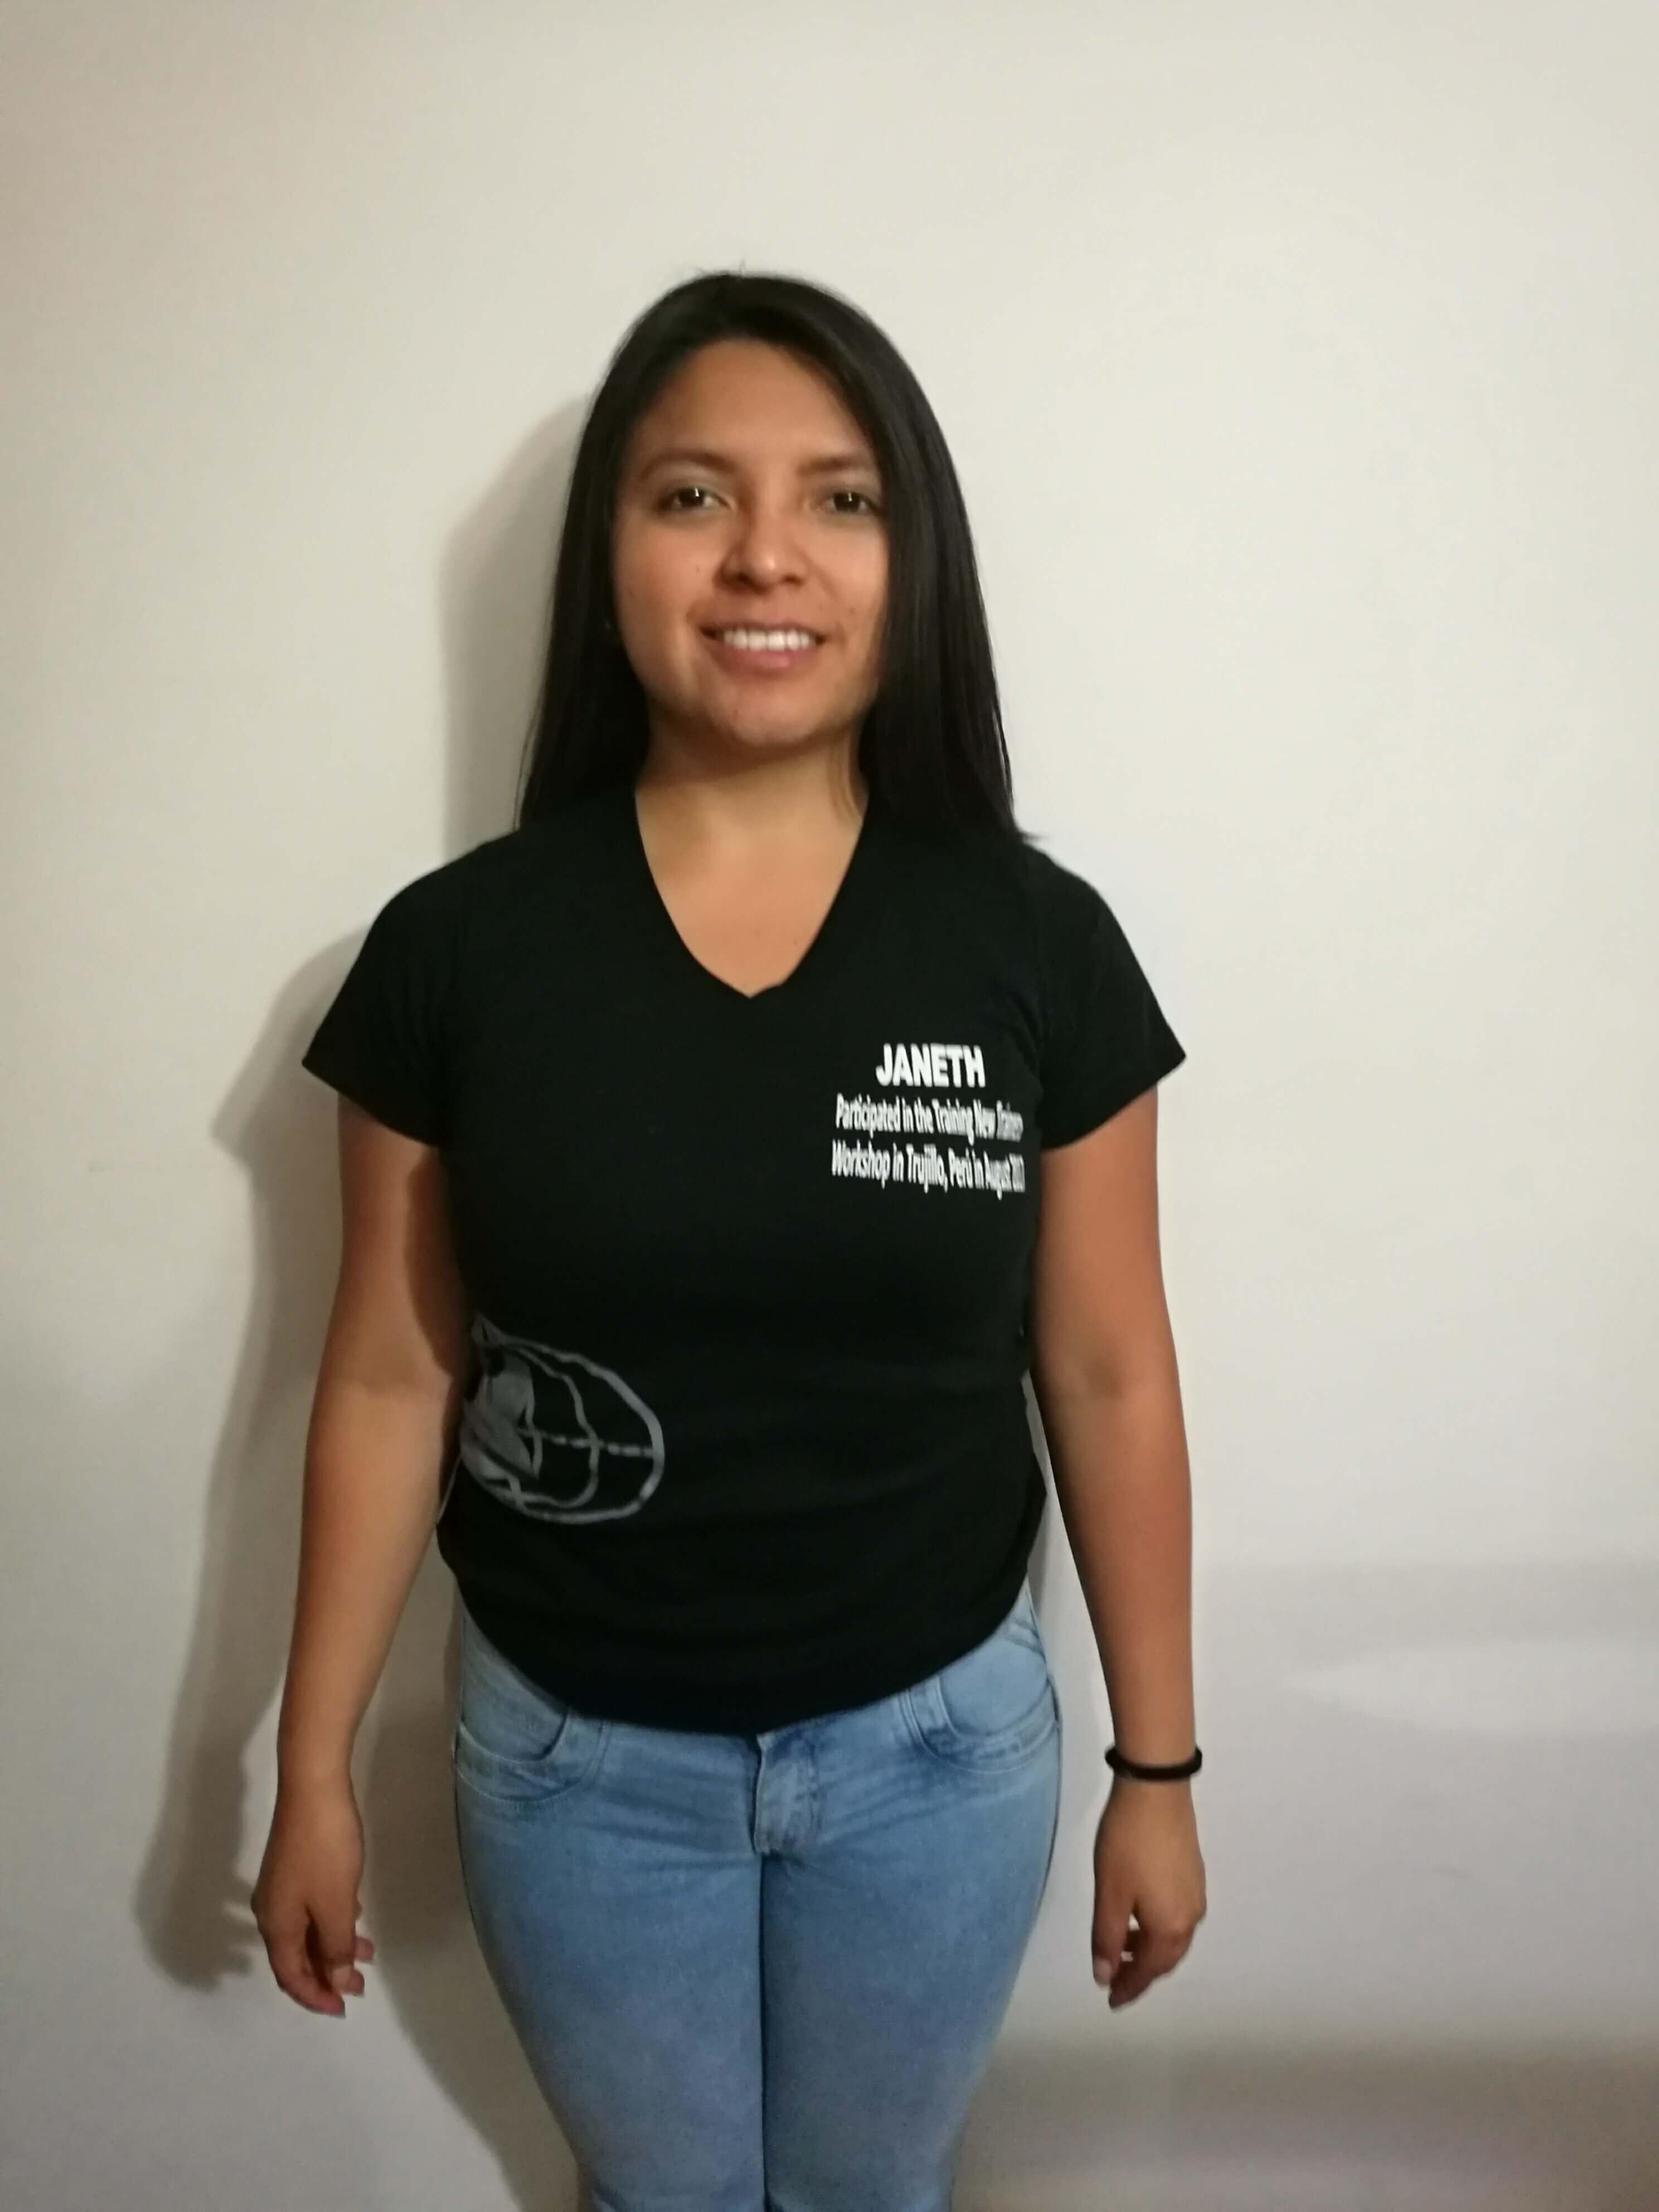 Janeth Juana Torres Mayta